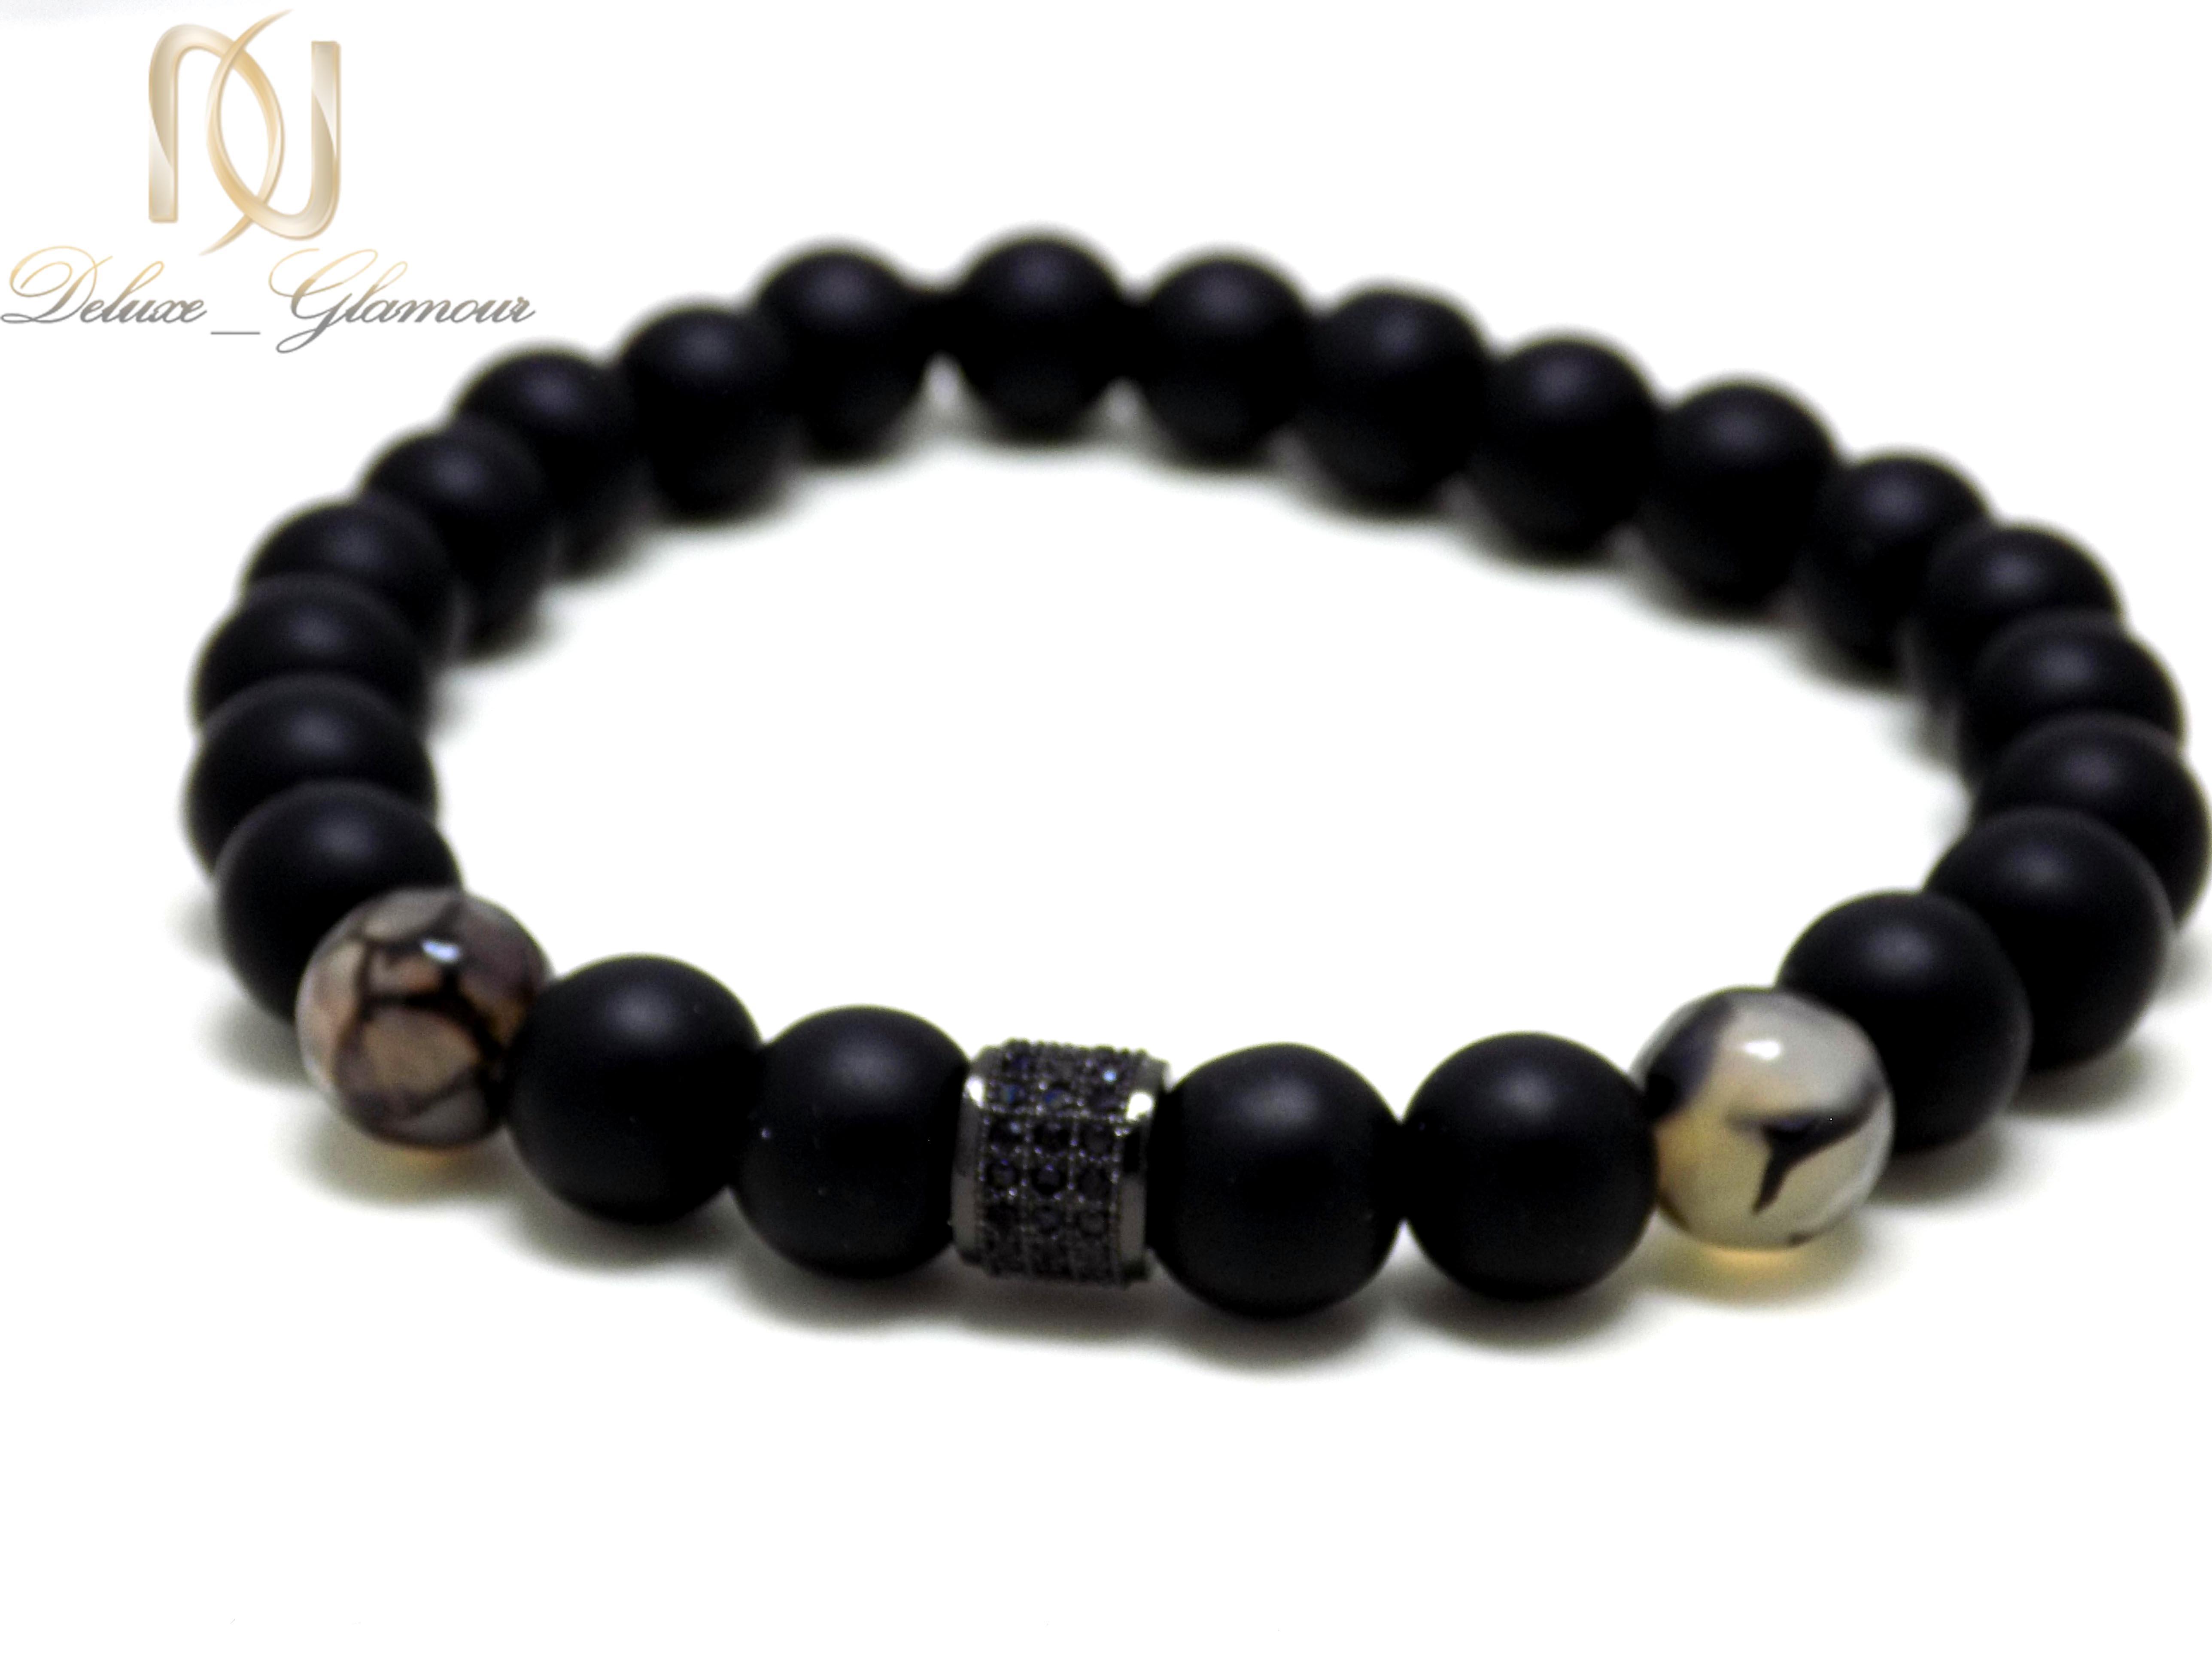 دستبند ست دخترانه و پسرانه اونیکس DS-N337 از نمای پایین